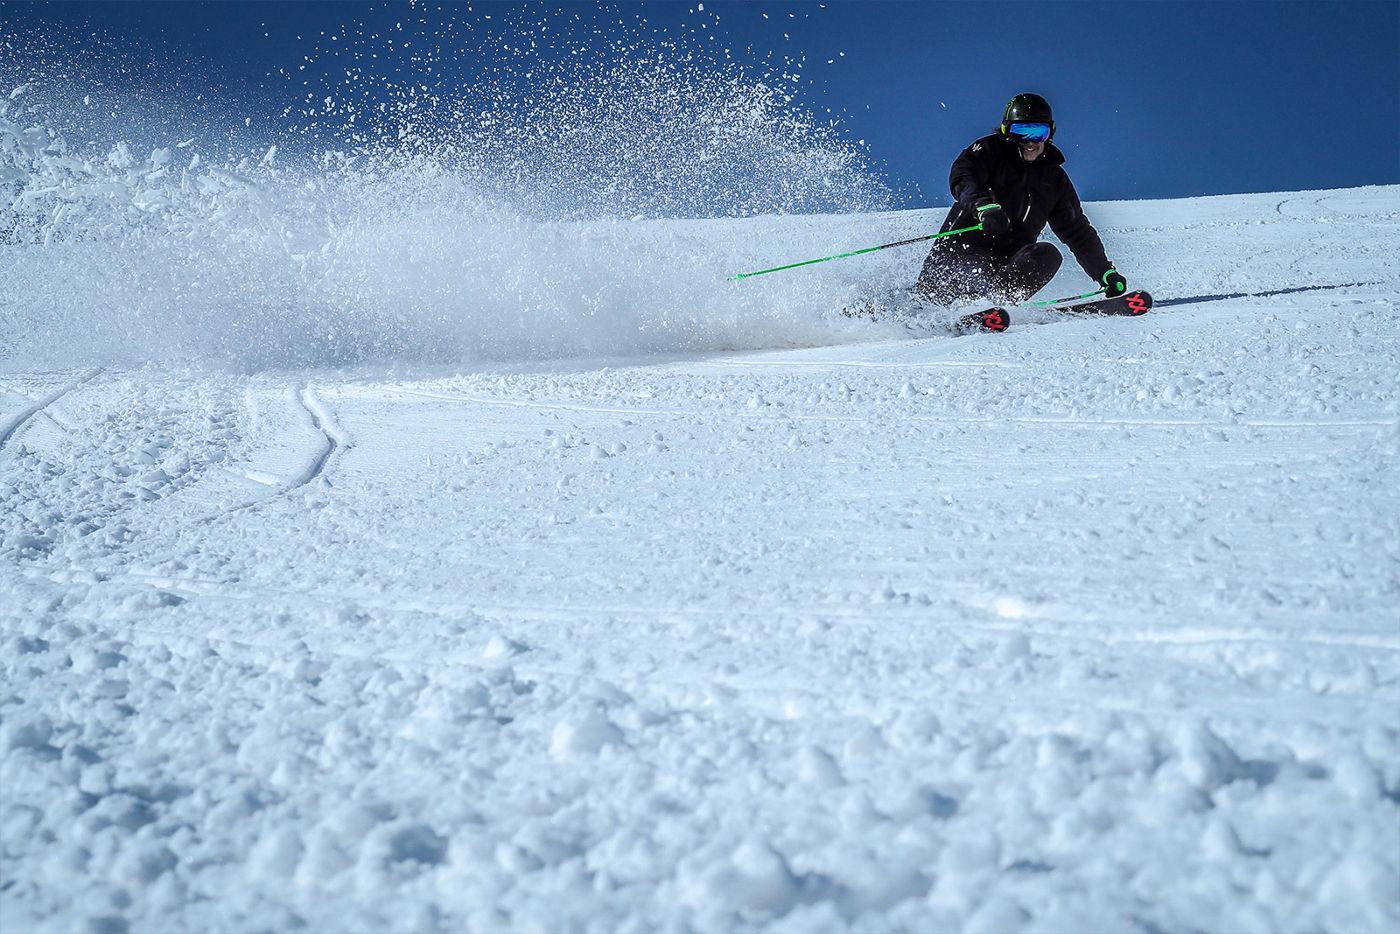 Ein Skifahrer fährt auf der Piste